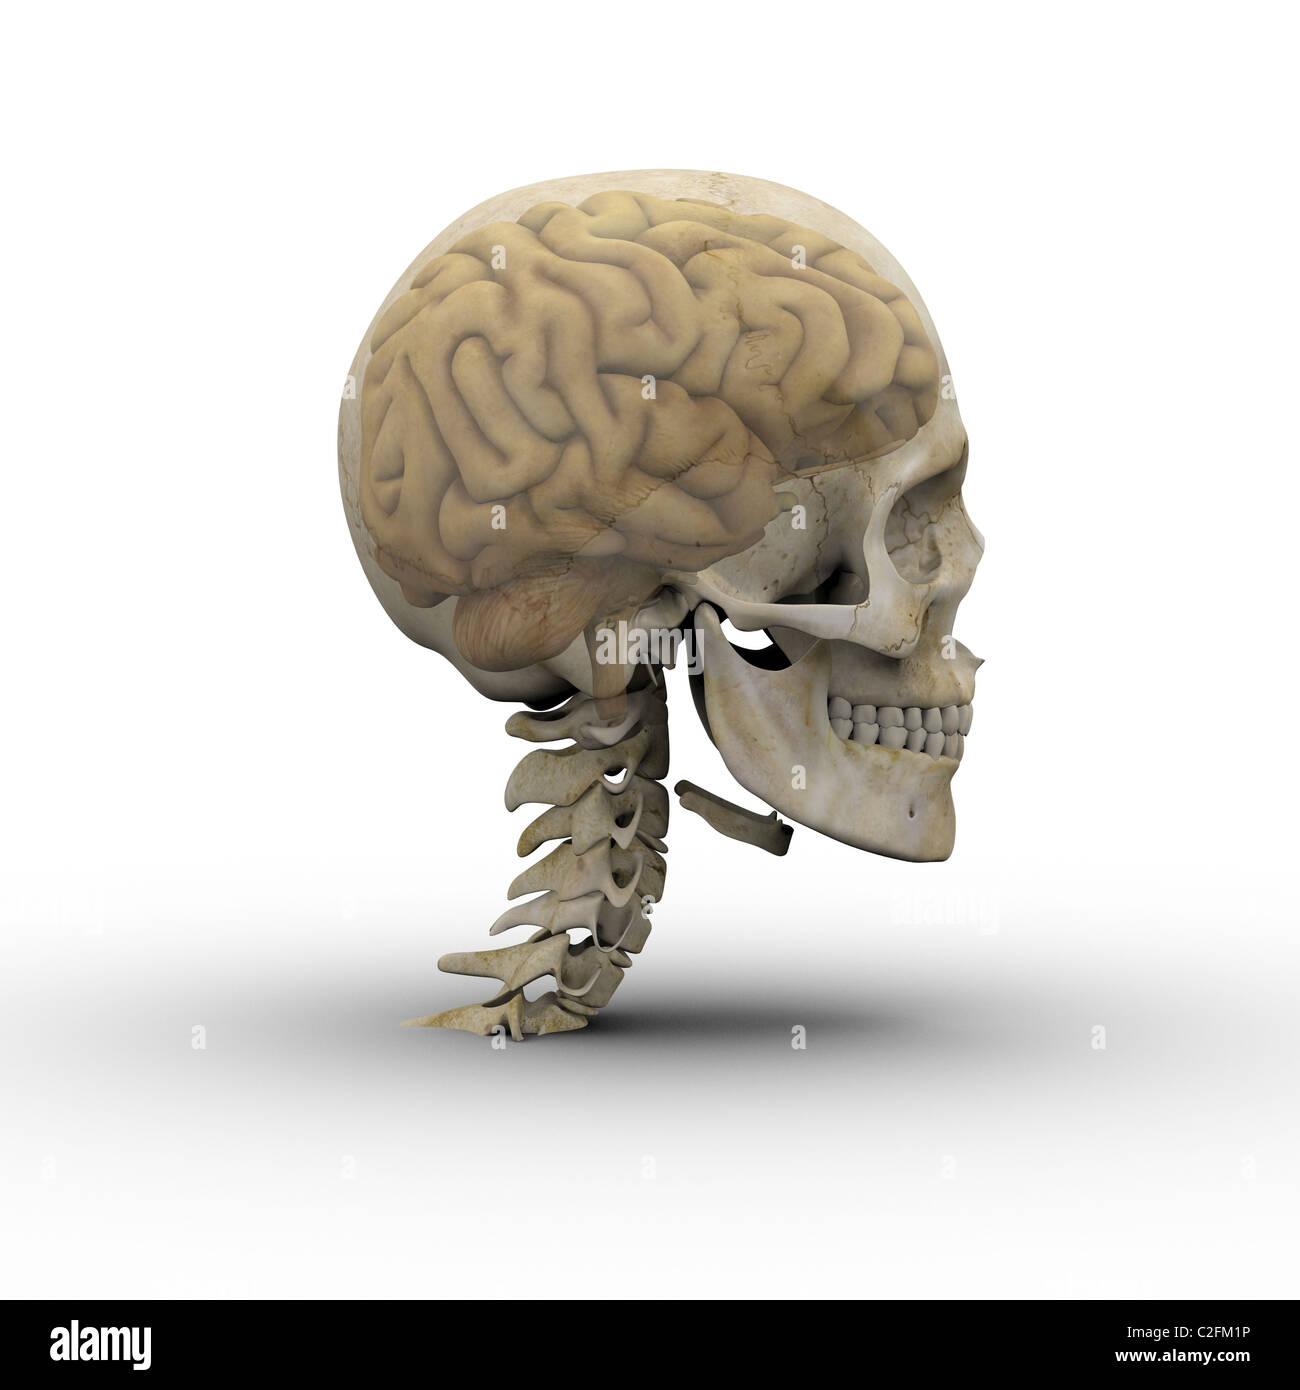 Homme crâne avec cerveau montrant à travers la transparence du crâne. Photo Stock